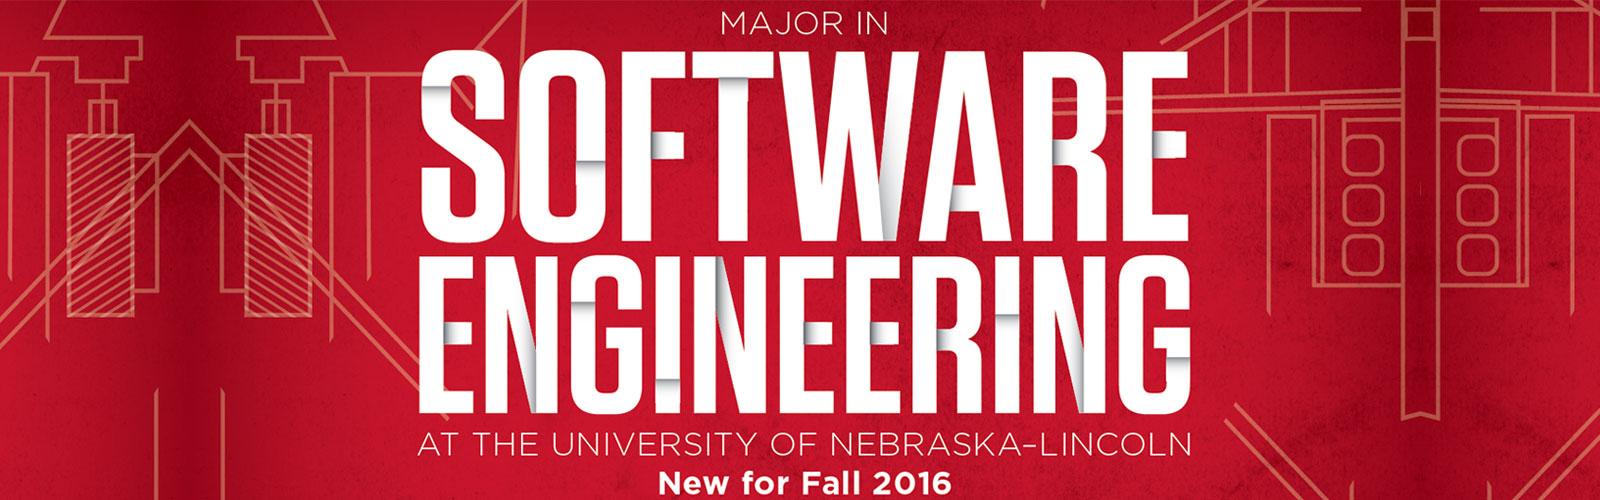 Software Engineering major debuts at UNL